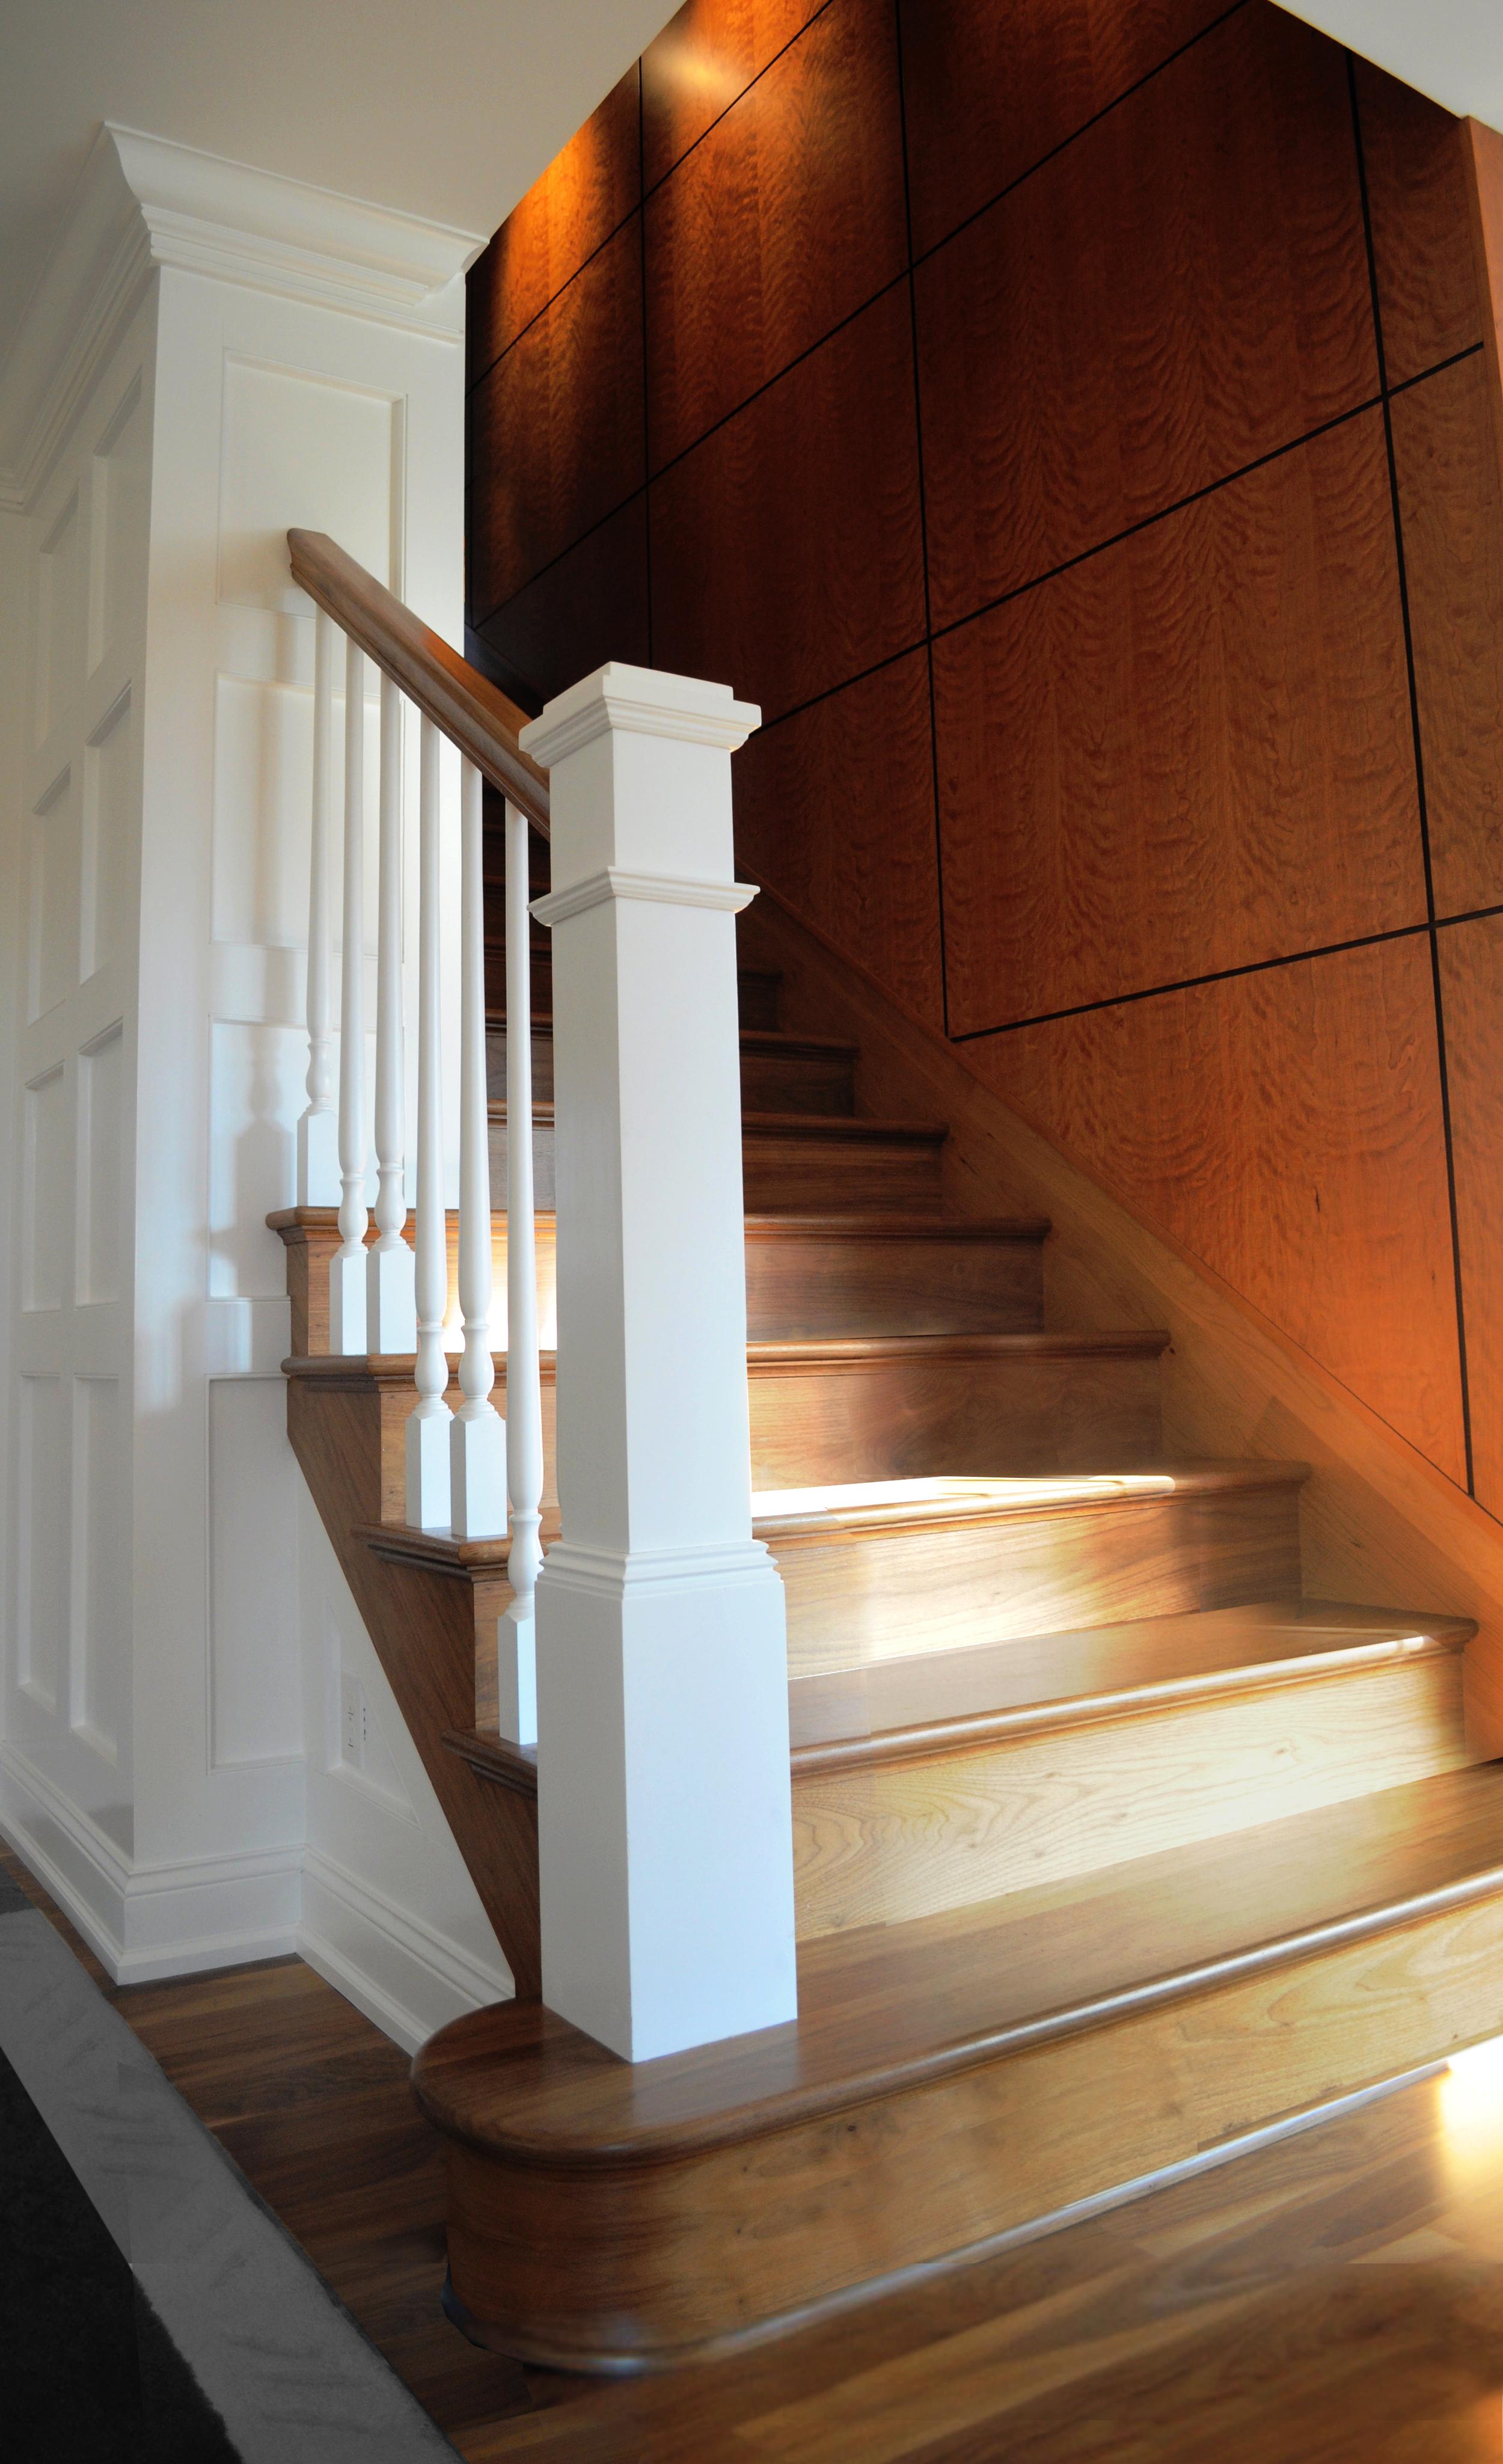 Stair EDITED.jpg